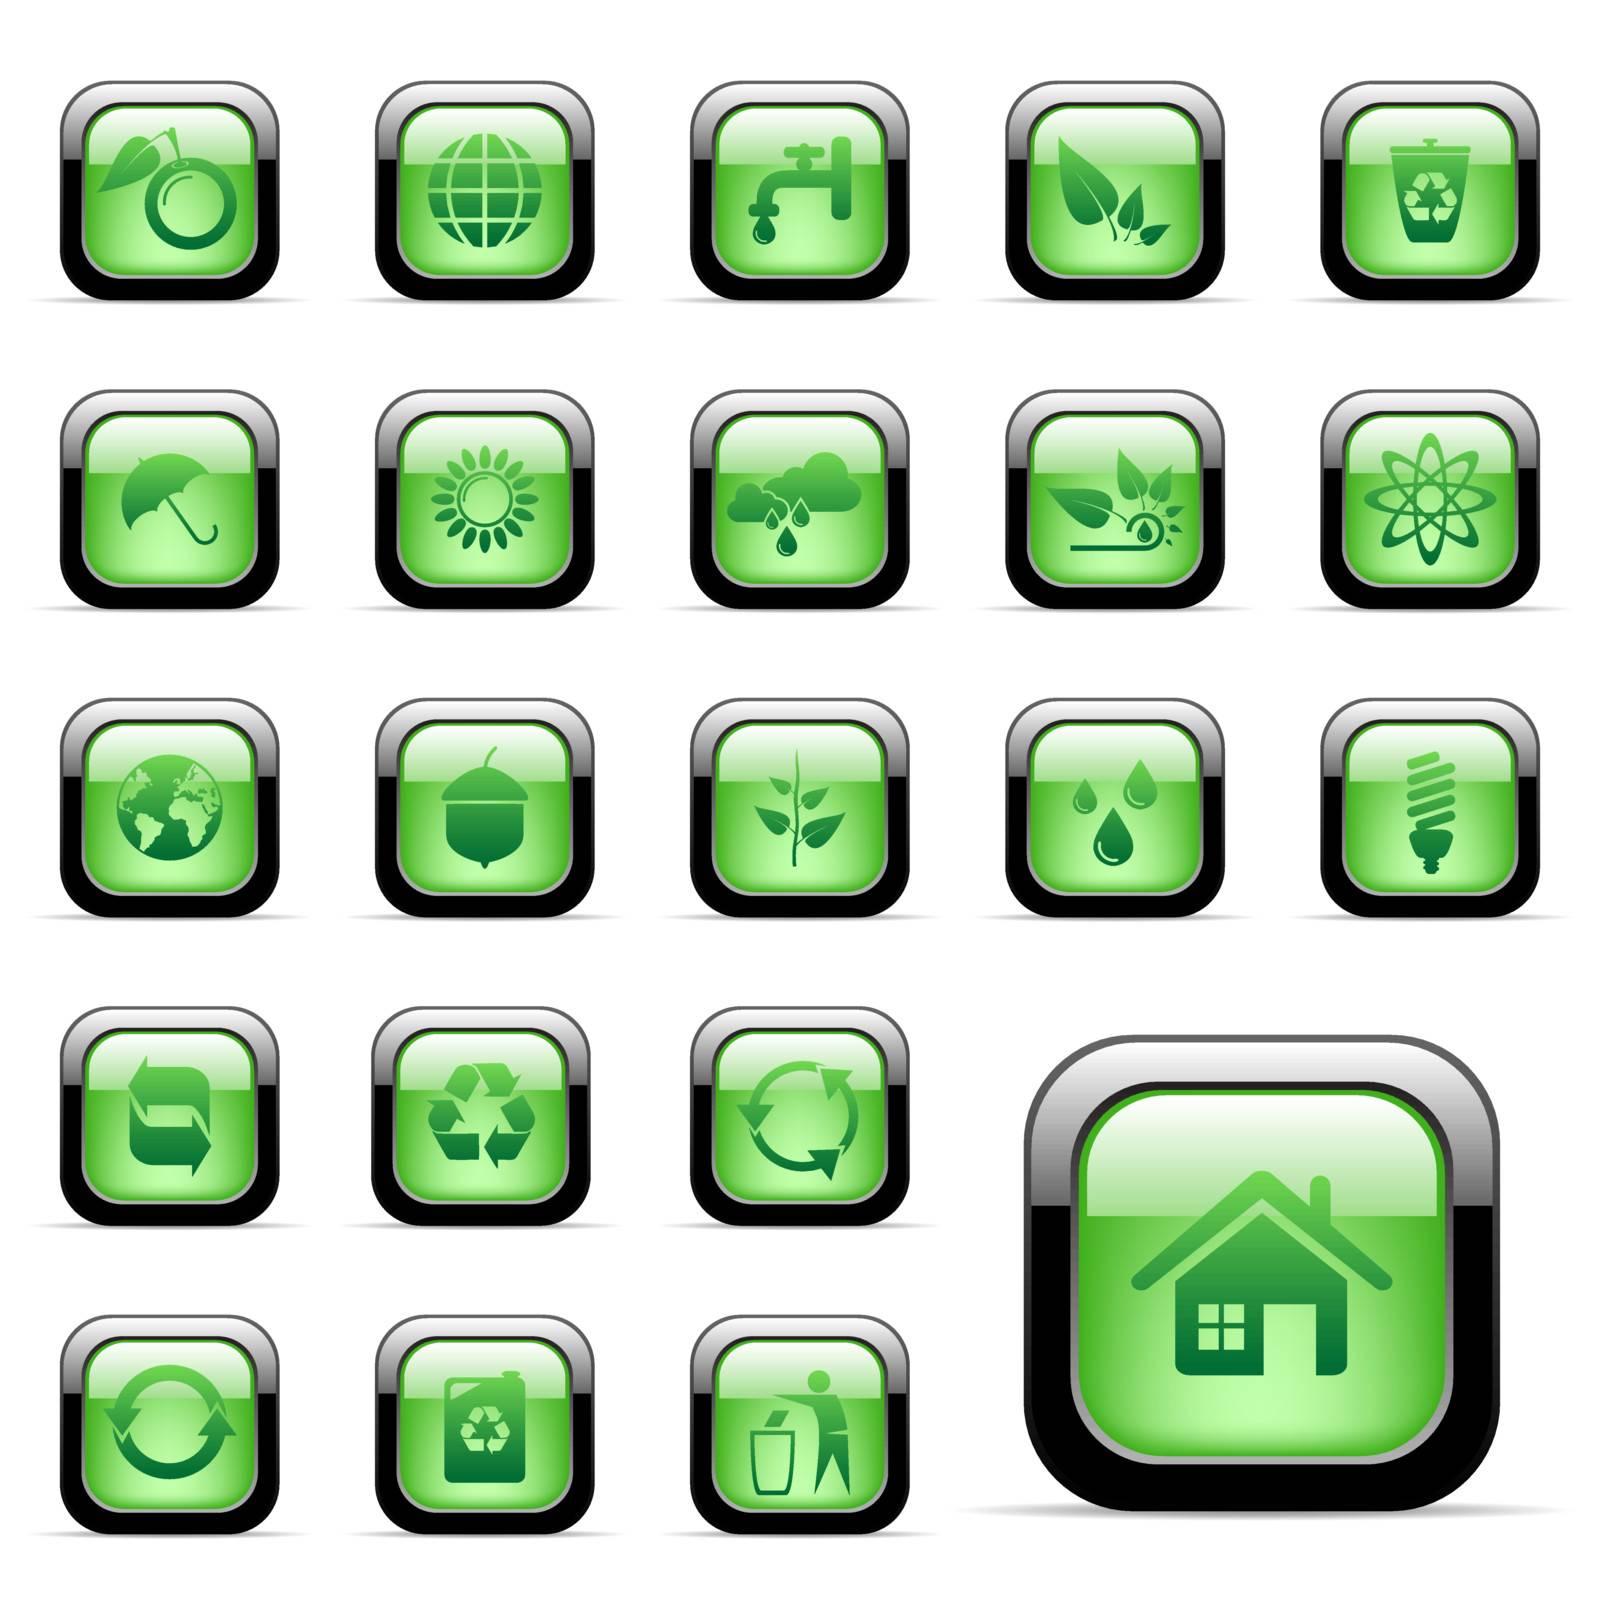 Vector - 23 environmental icons for web design